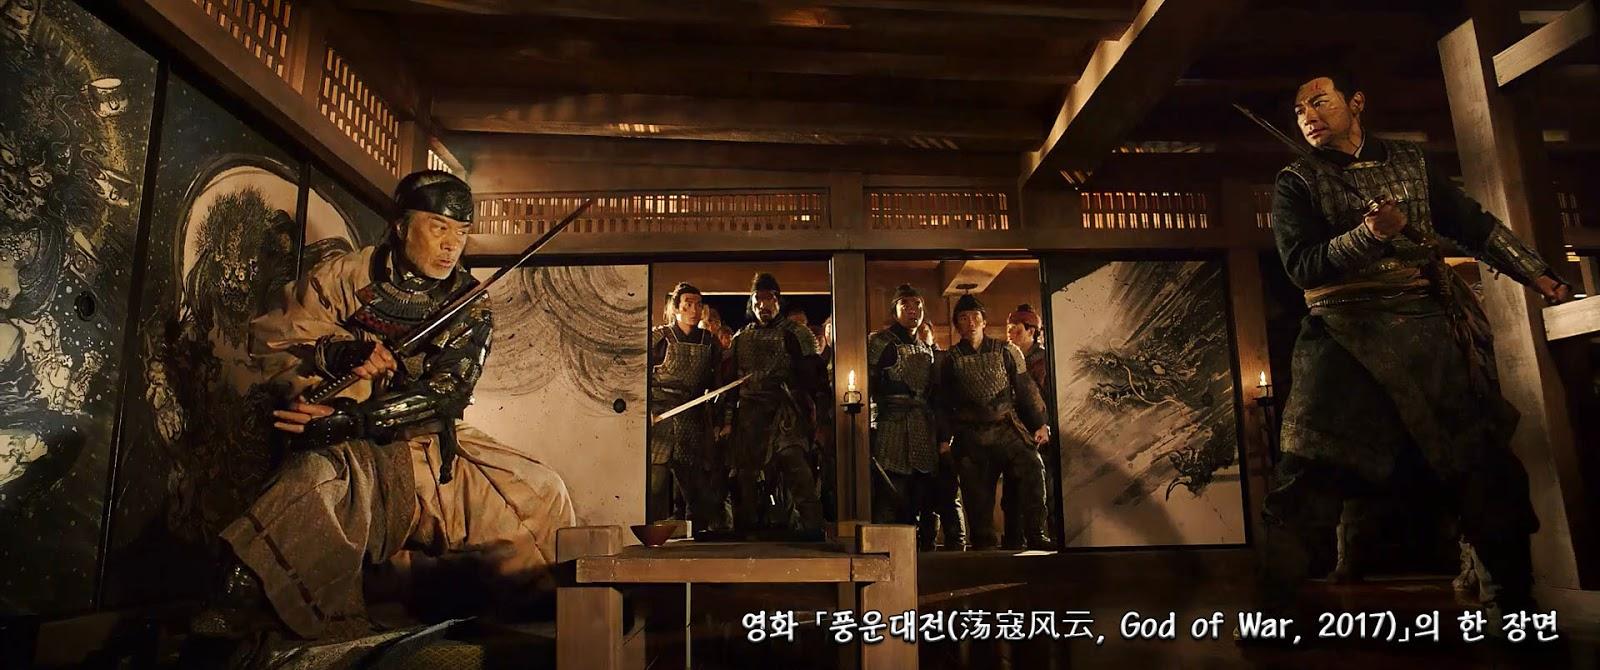 God of War 2017 scene 03